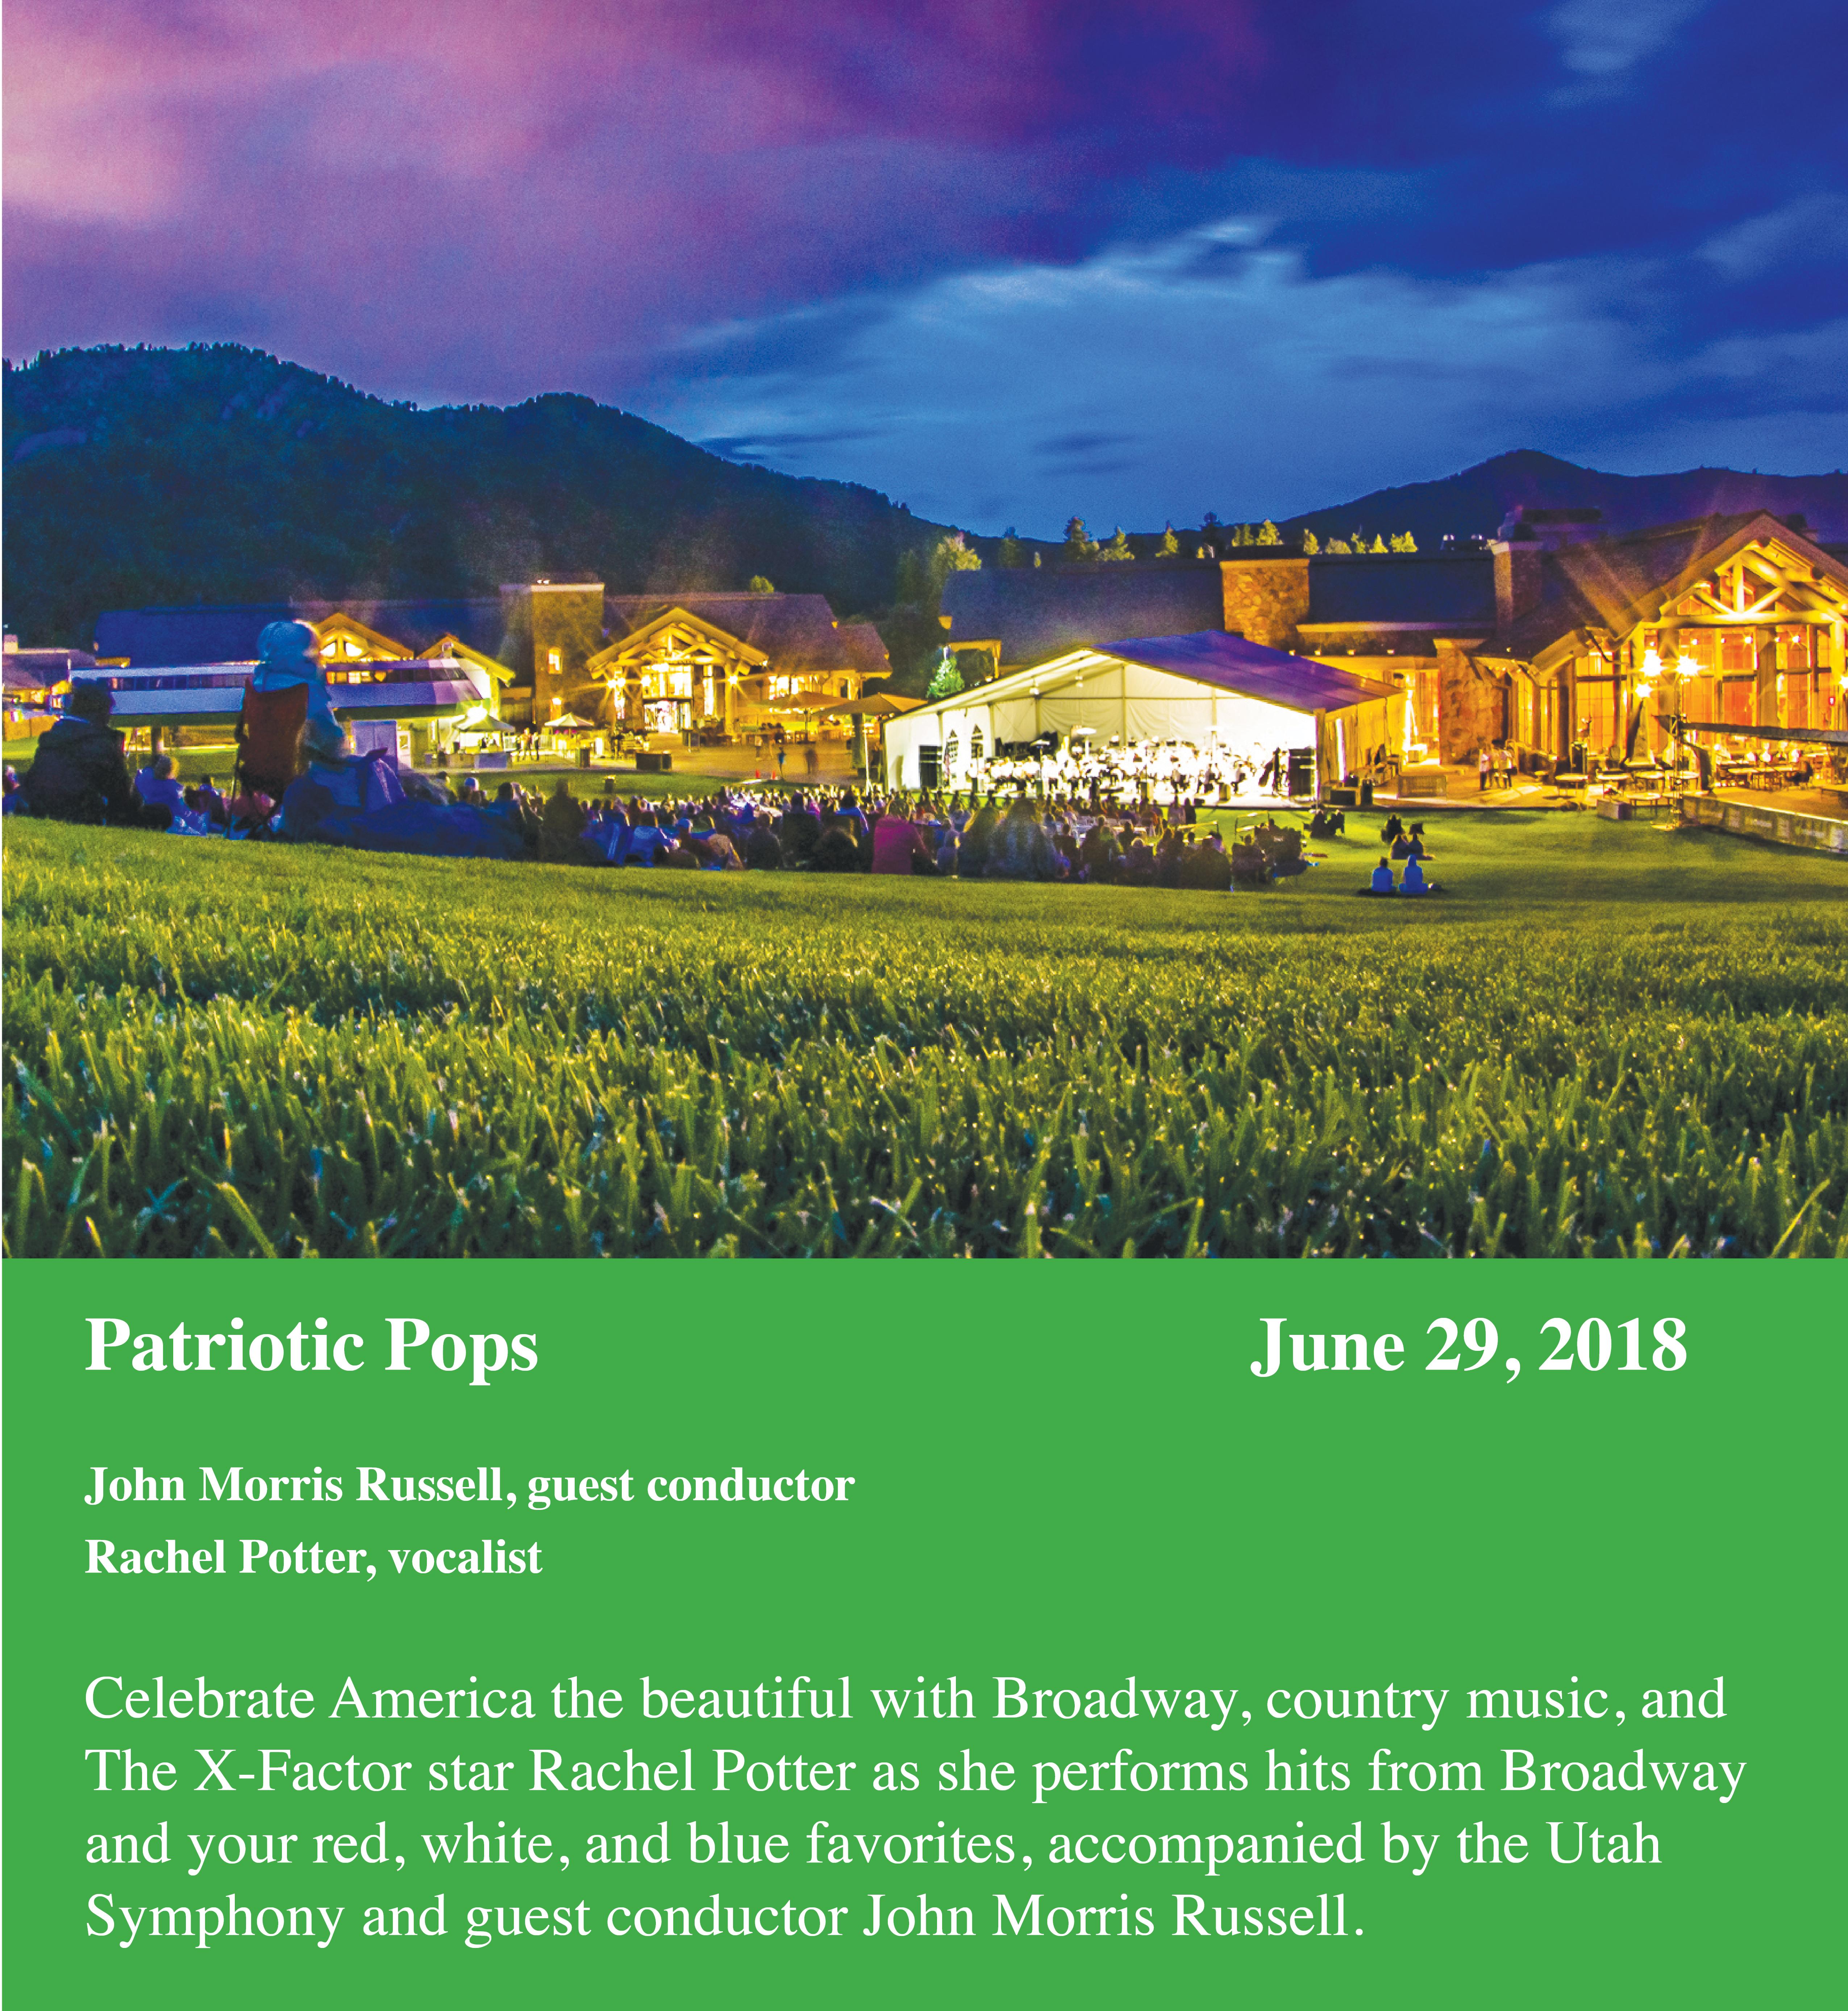 UTAH SYMPHONY: PATRIOTIC POPS - June 29